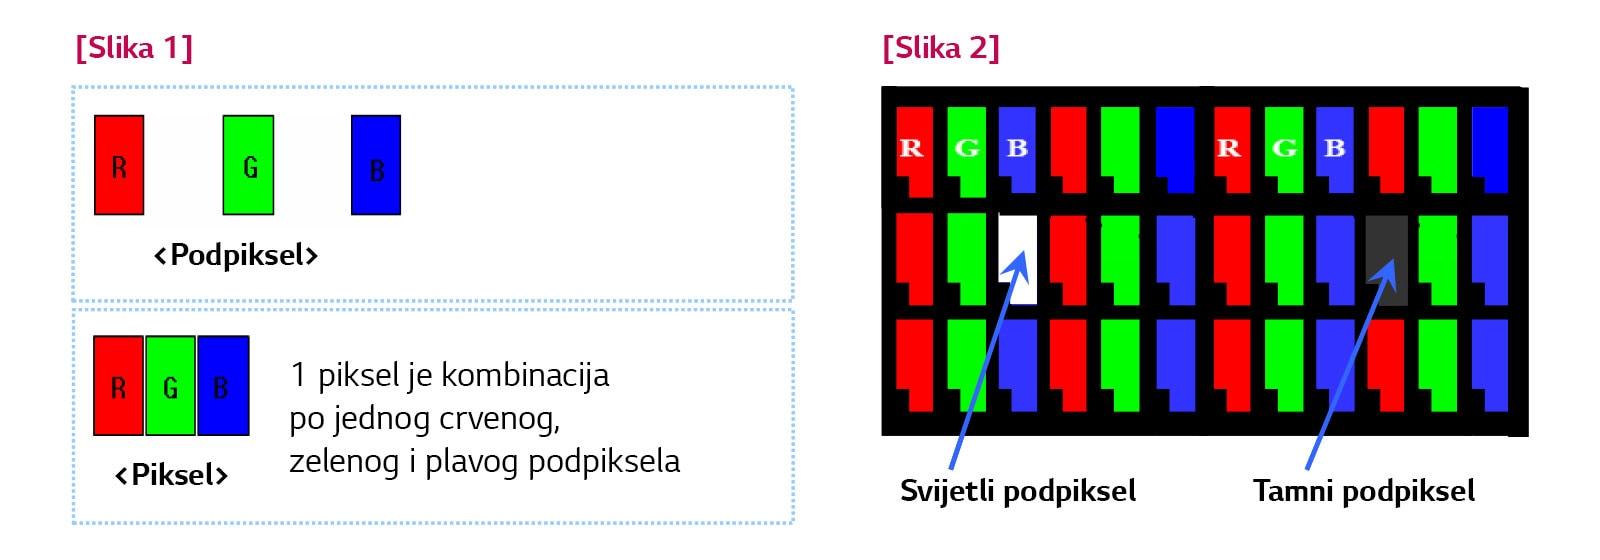 Pravilnik o pikselima LG Electronicsa1